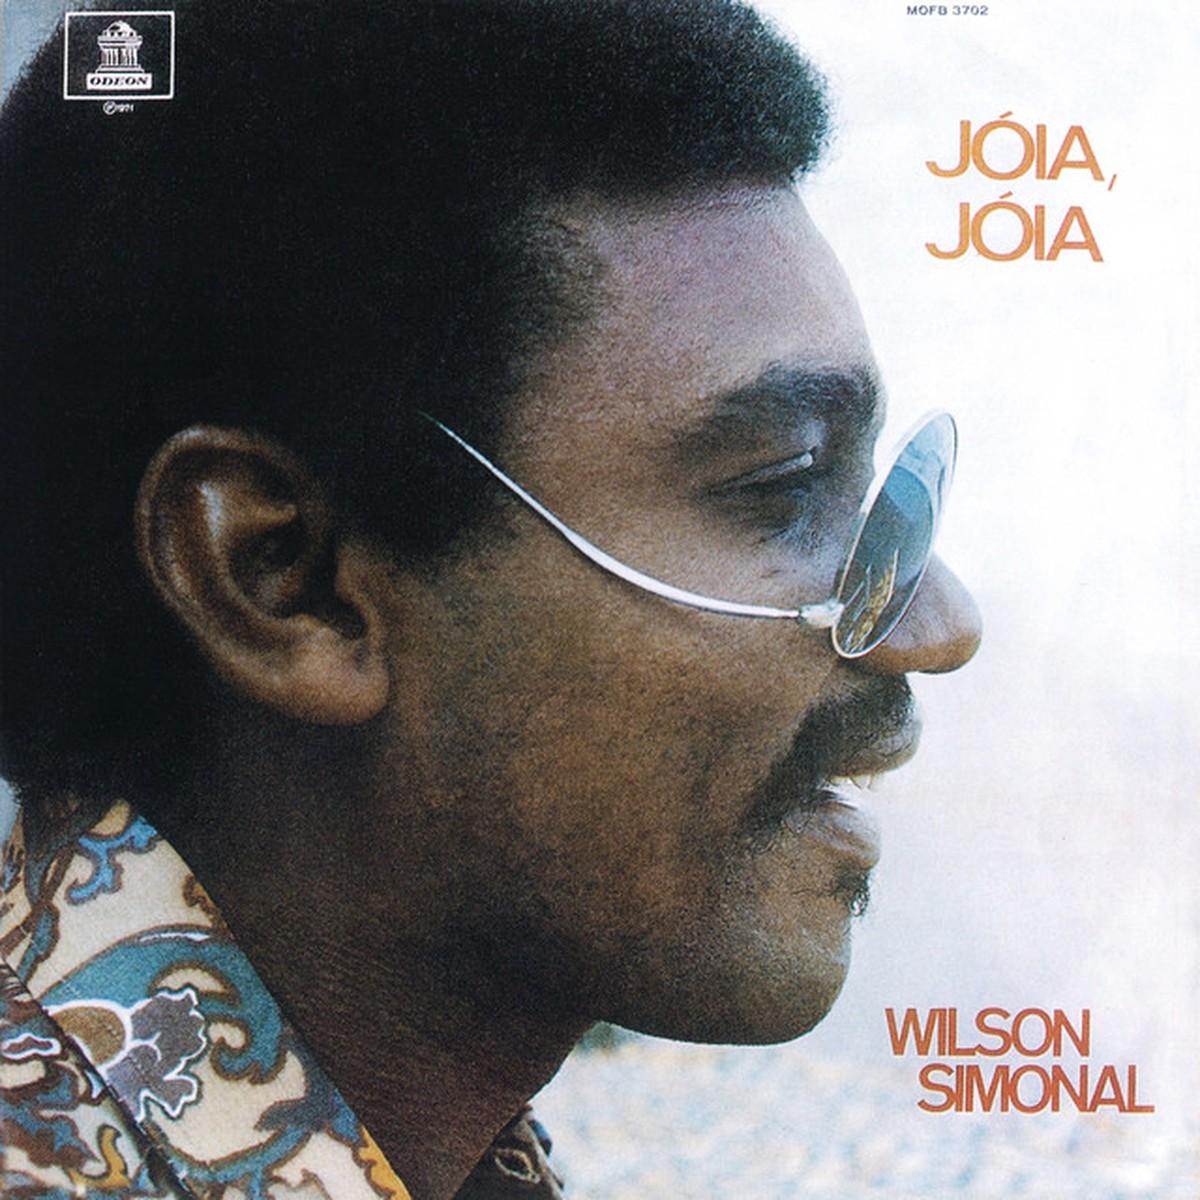 Discos para descobrir em casa – 'Jóia, jóia', Wilson Simonal, 1971 | Blog do Mauro Ferreira